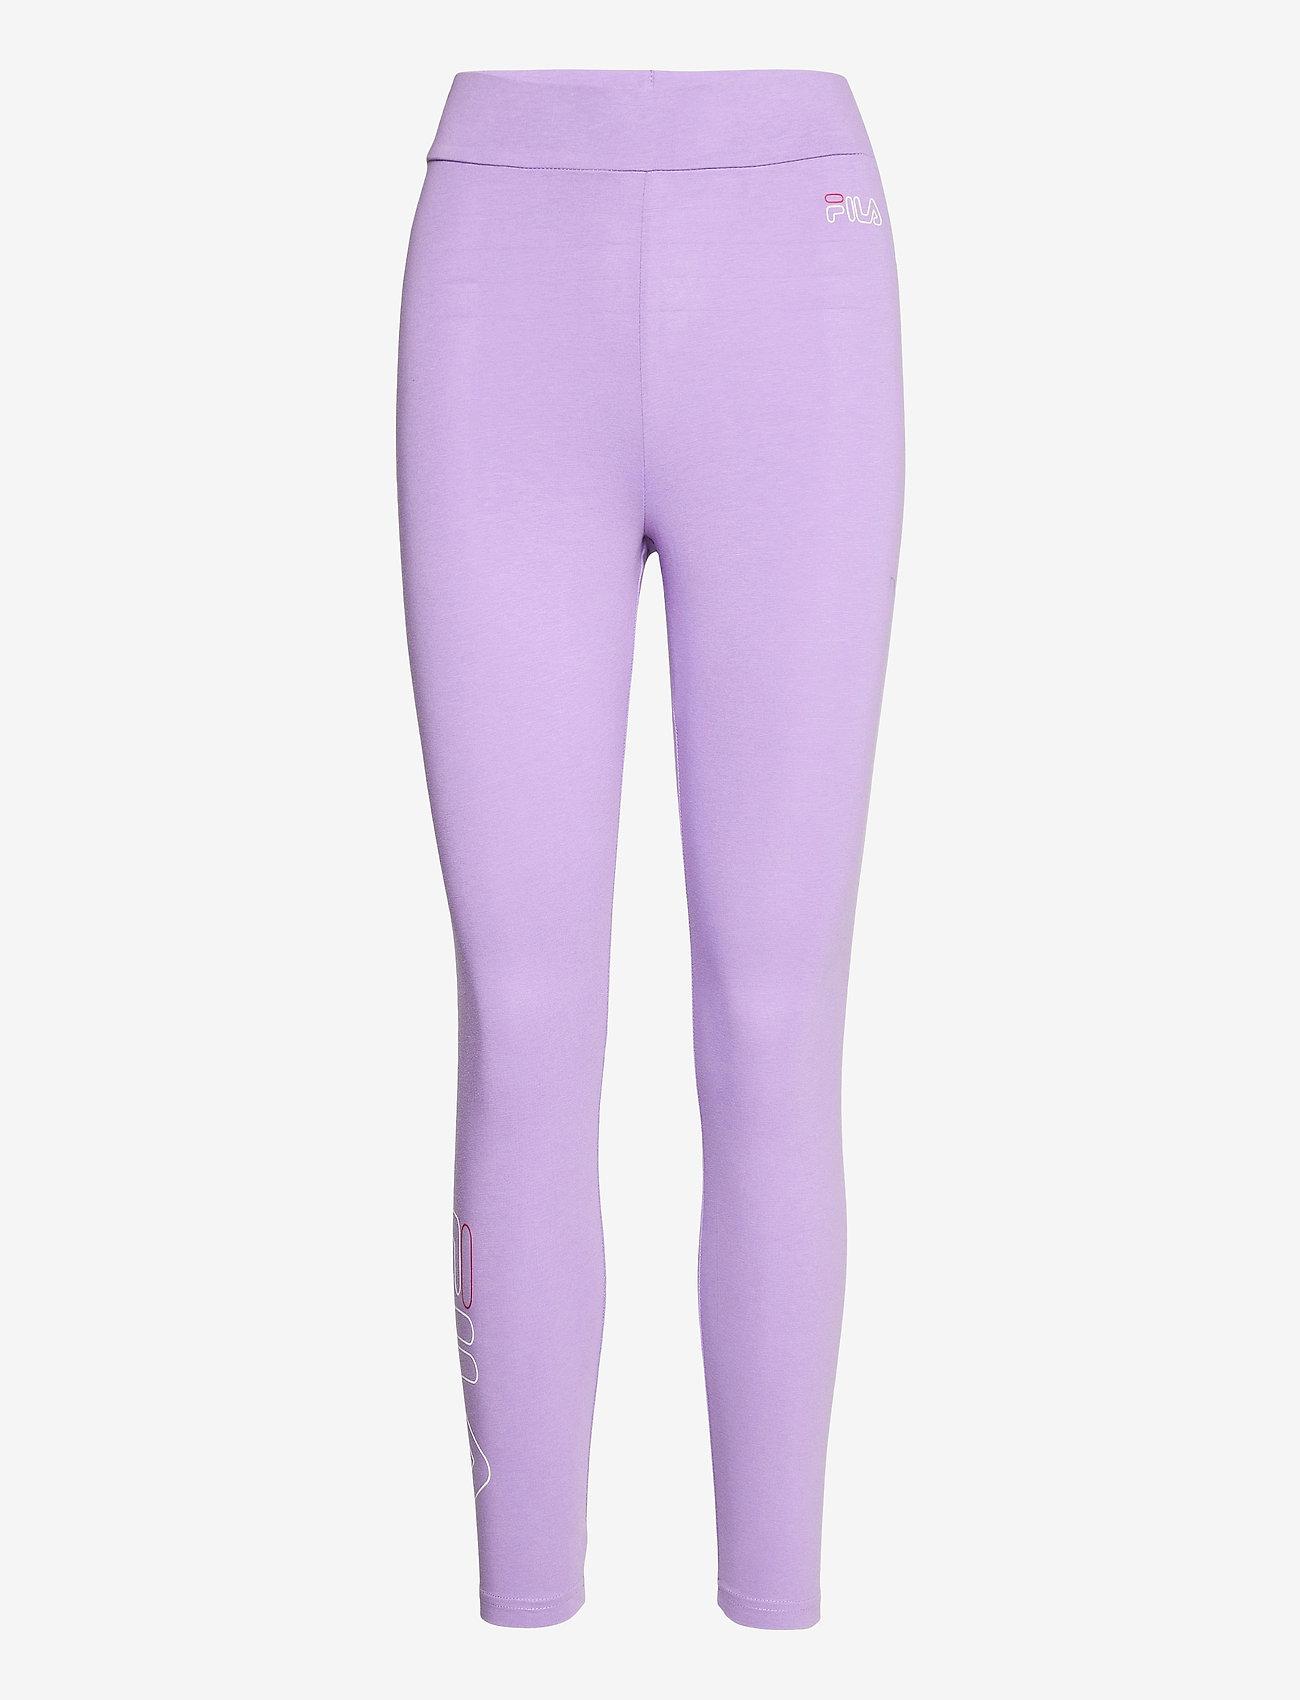 FILA - WOMEN FELIZE 7/8 leggings - leggings - purple haze - 0